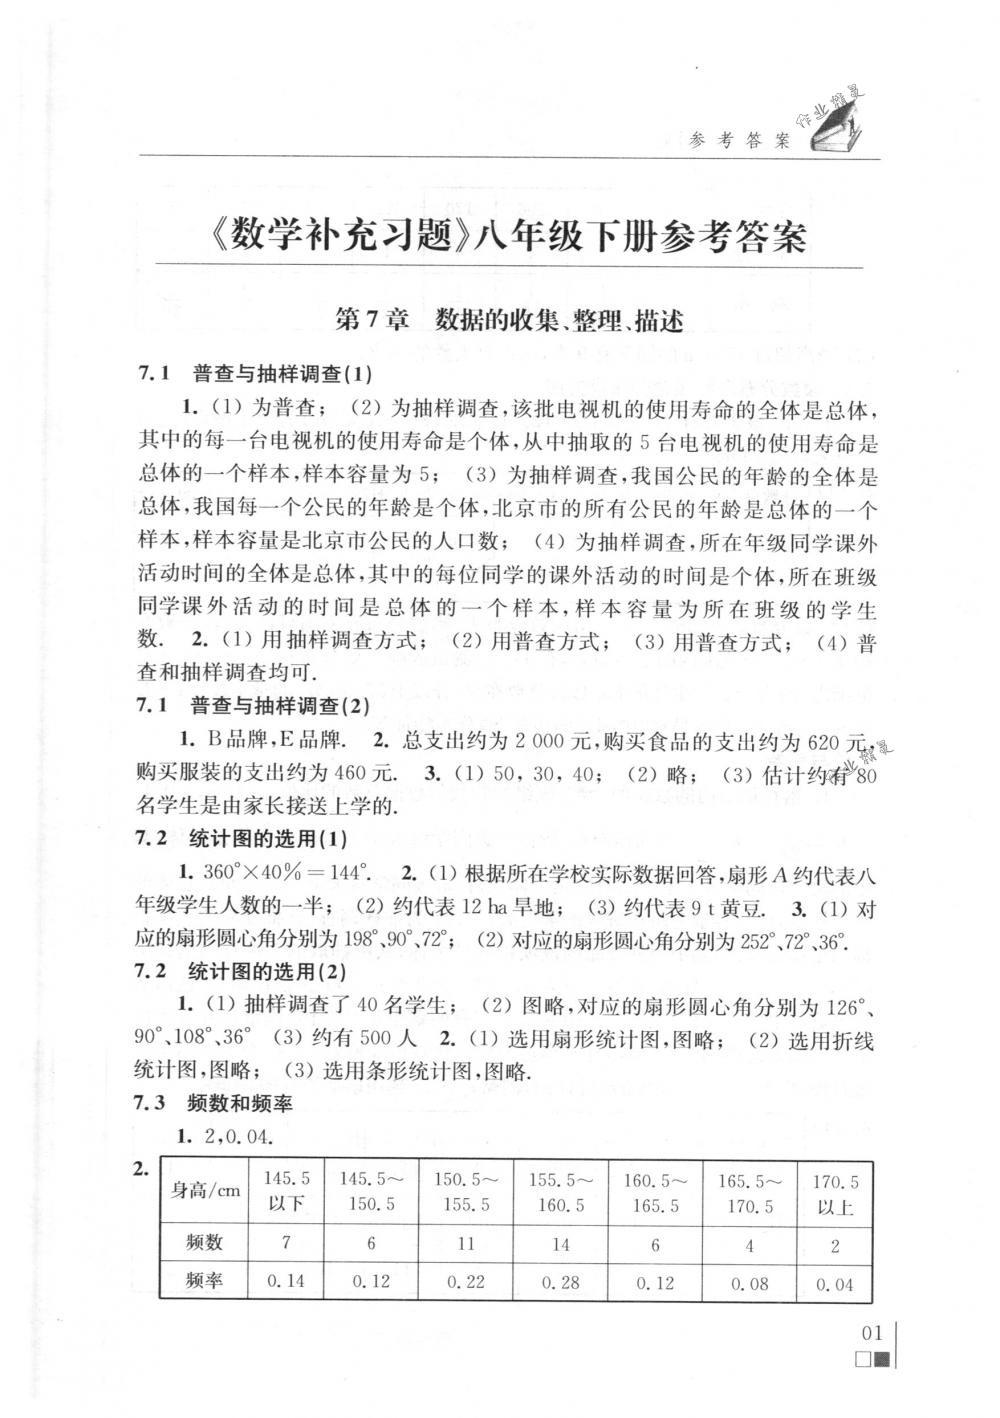 2018年数学补充习题八年级下册苏科版江苏凤凰数学技术出版社第1页